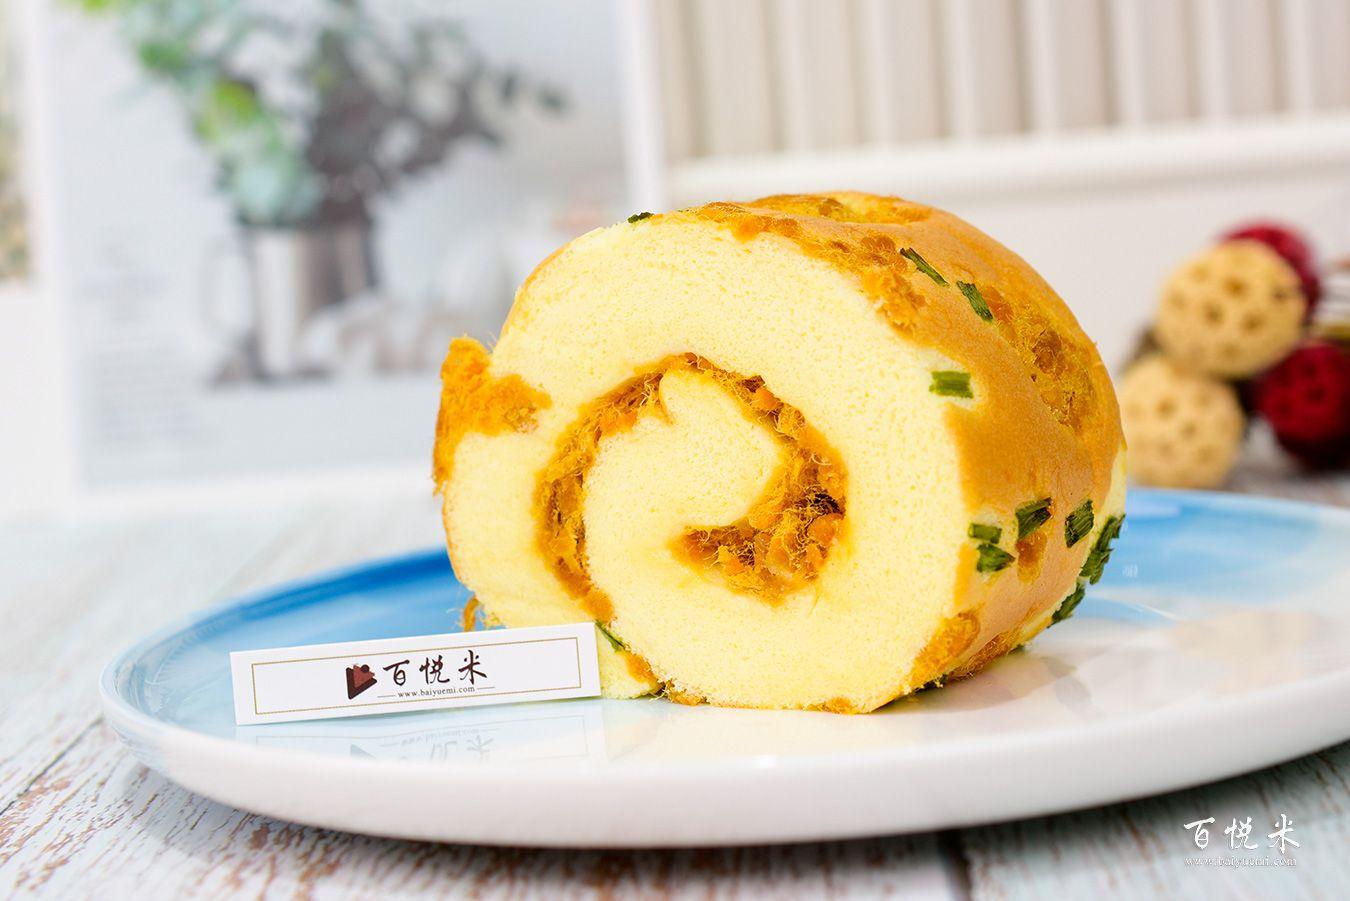 肉松卷高清图片大全【蛋糕图片】_294